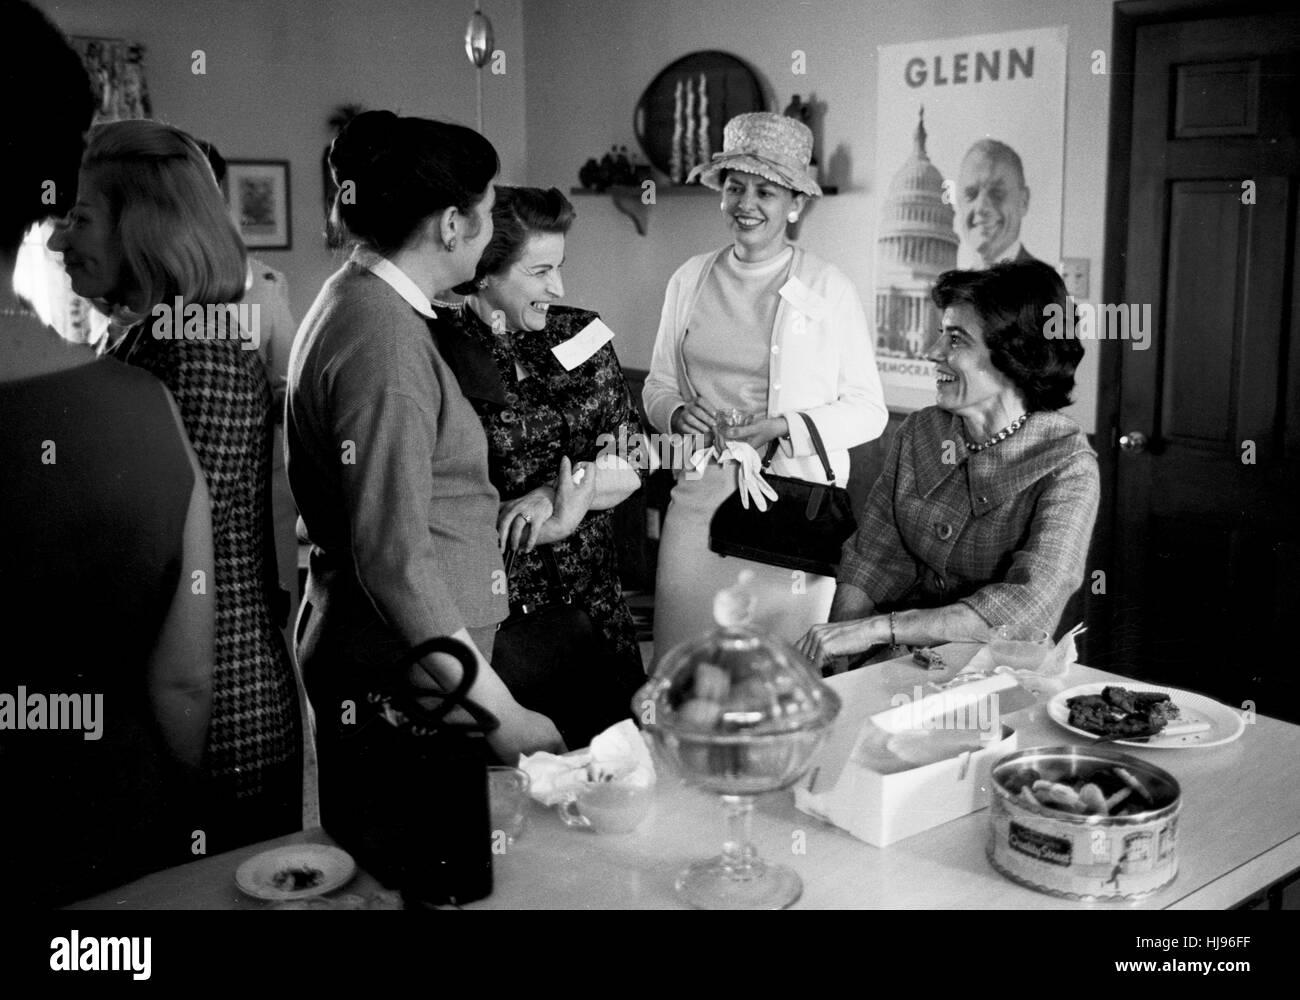 Annie Glenn, droite, faisant campagne pour John Glenn en 1964 Banque D'Images